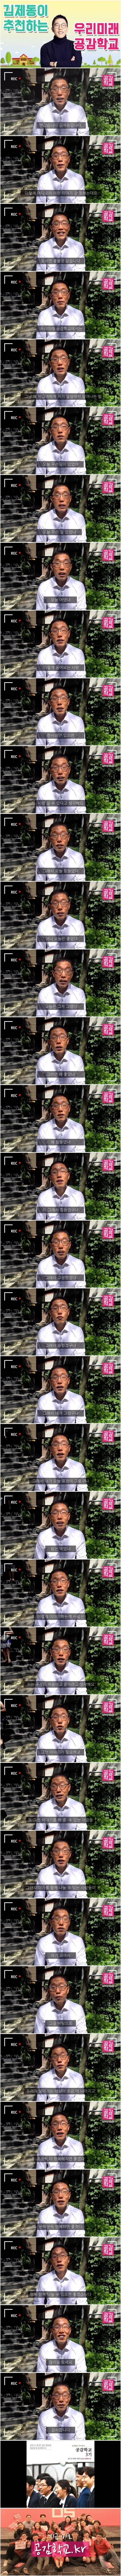 김제동이 추천하는 공감학교.jpg